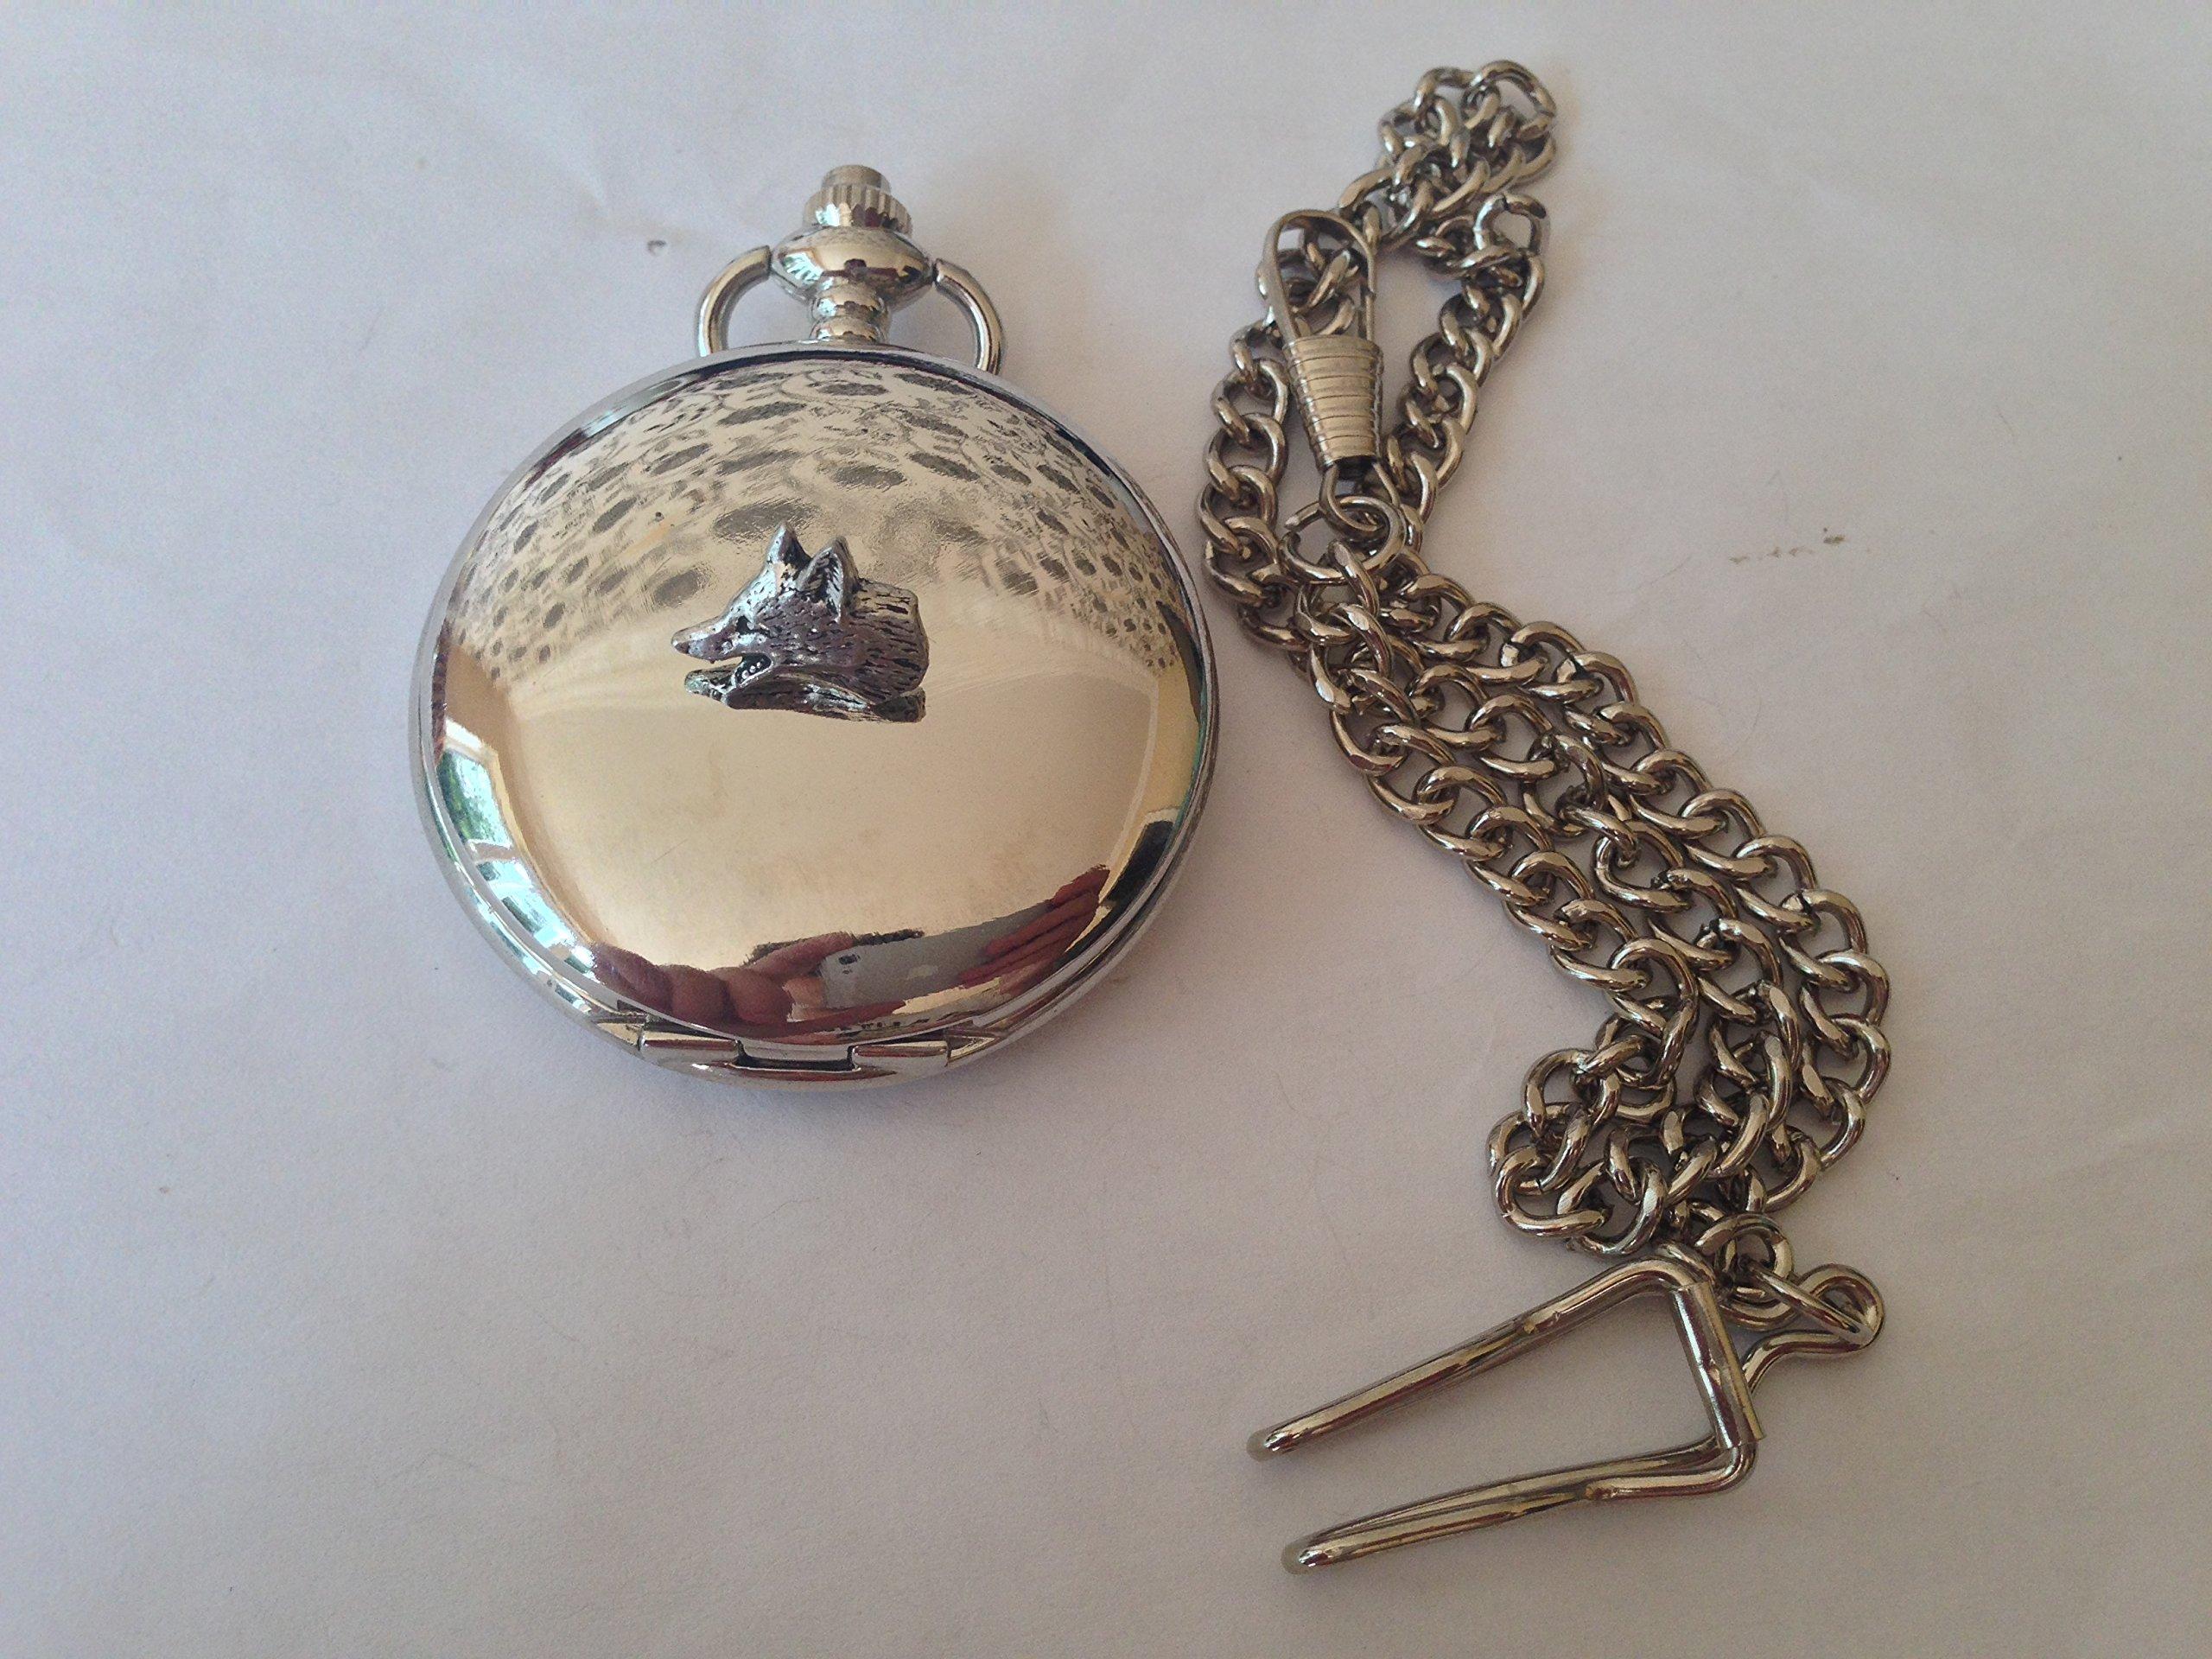 A11-Kleine-Fox-Head-Polierte-Silber-Herren-Geschenk-Quarz-Taschenuhr-hergestellt-in-Sheffield